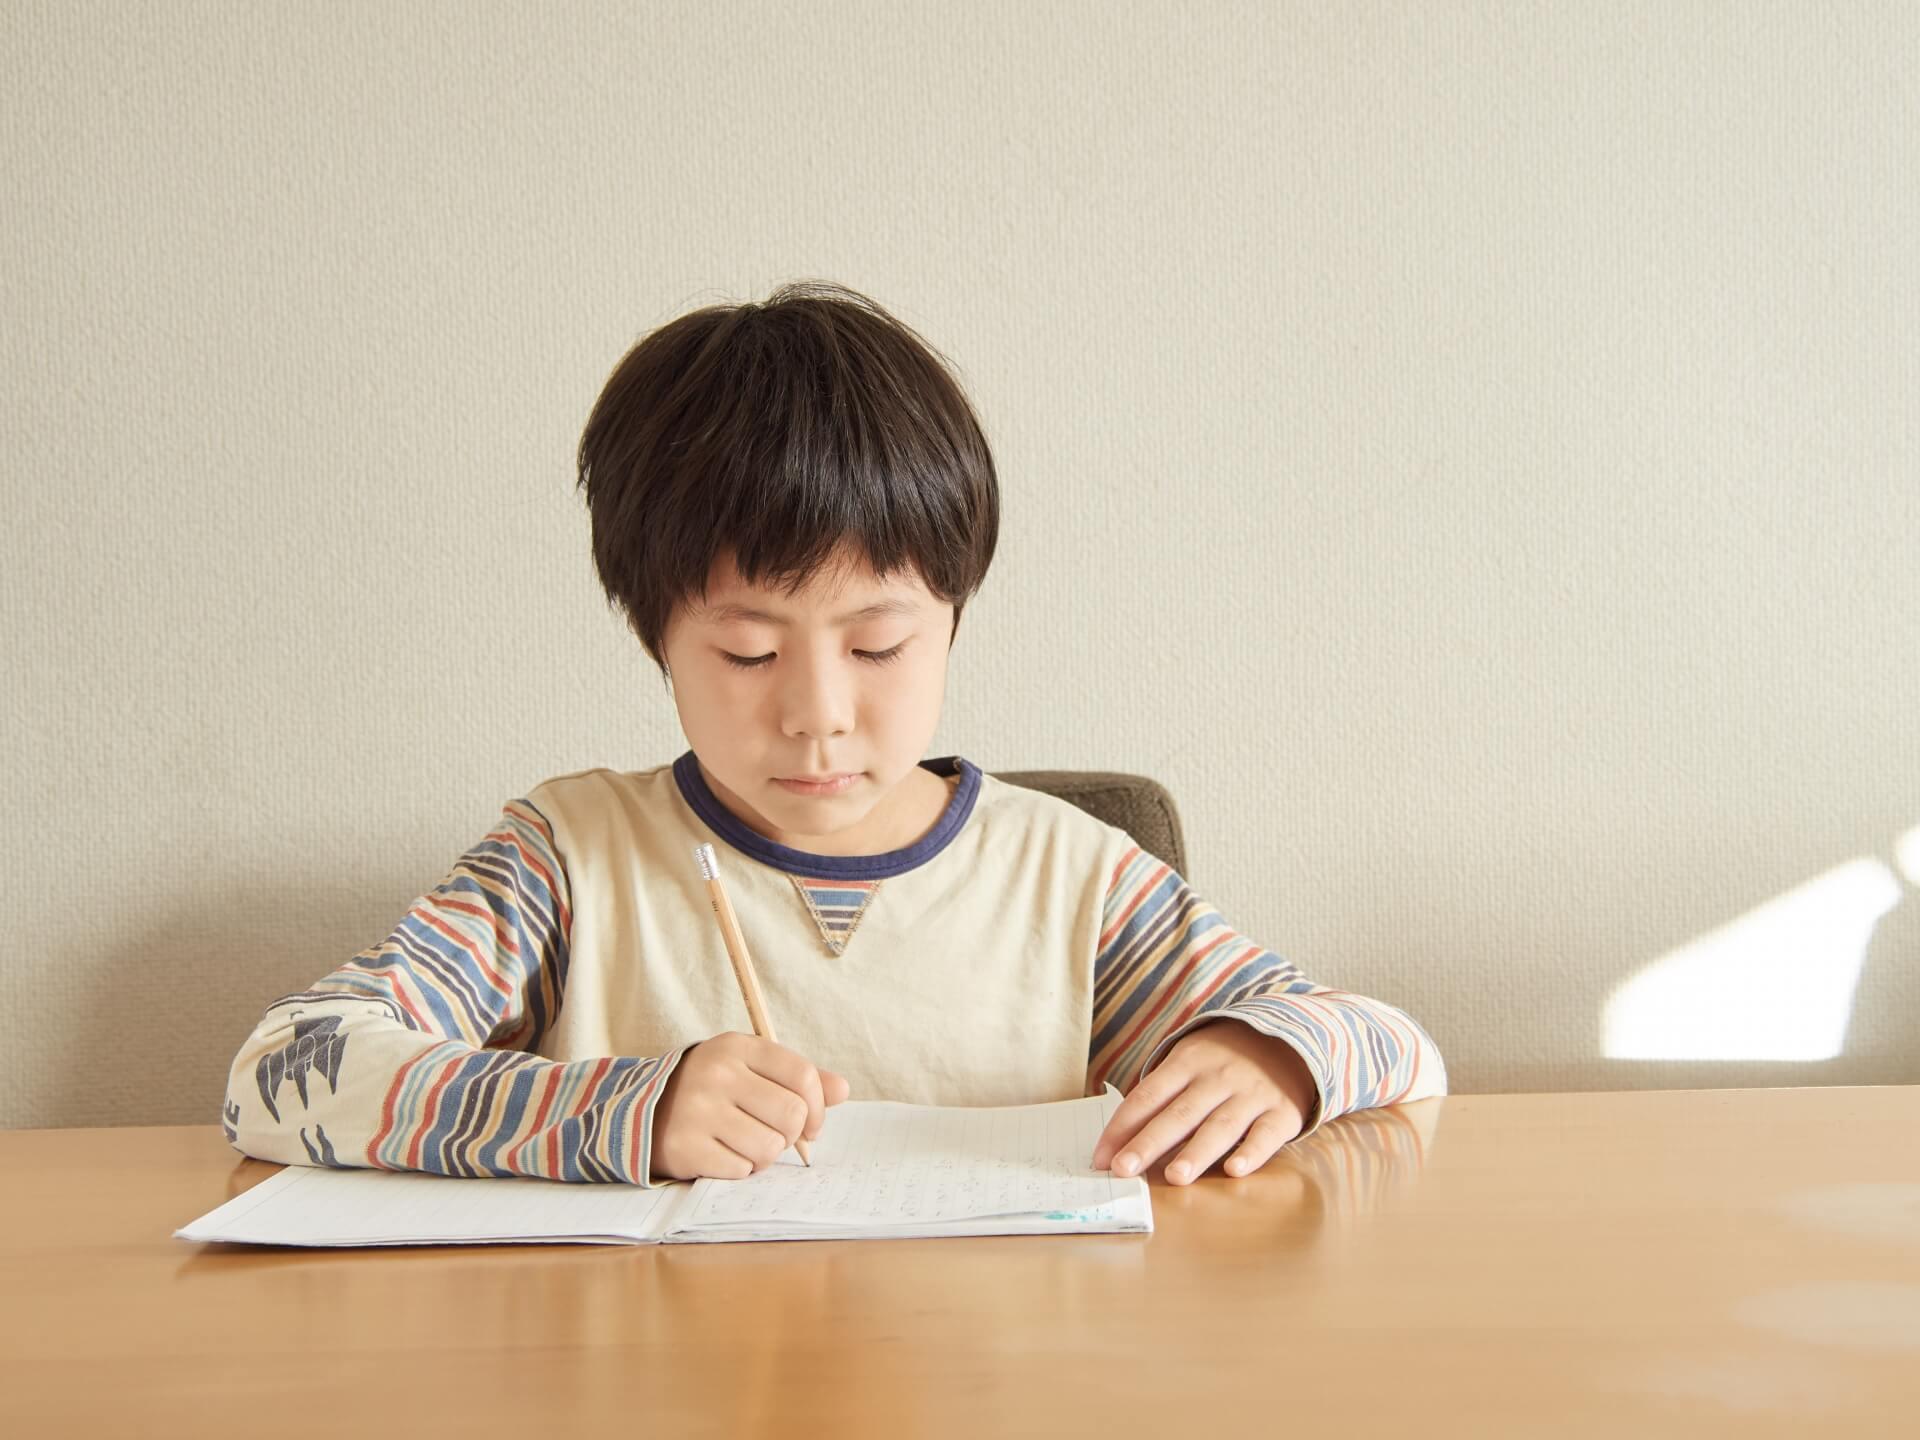 勉強をしている子供の様子の写真